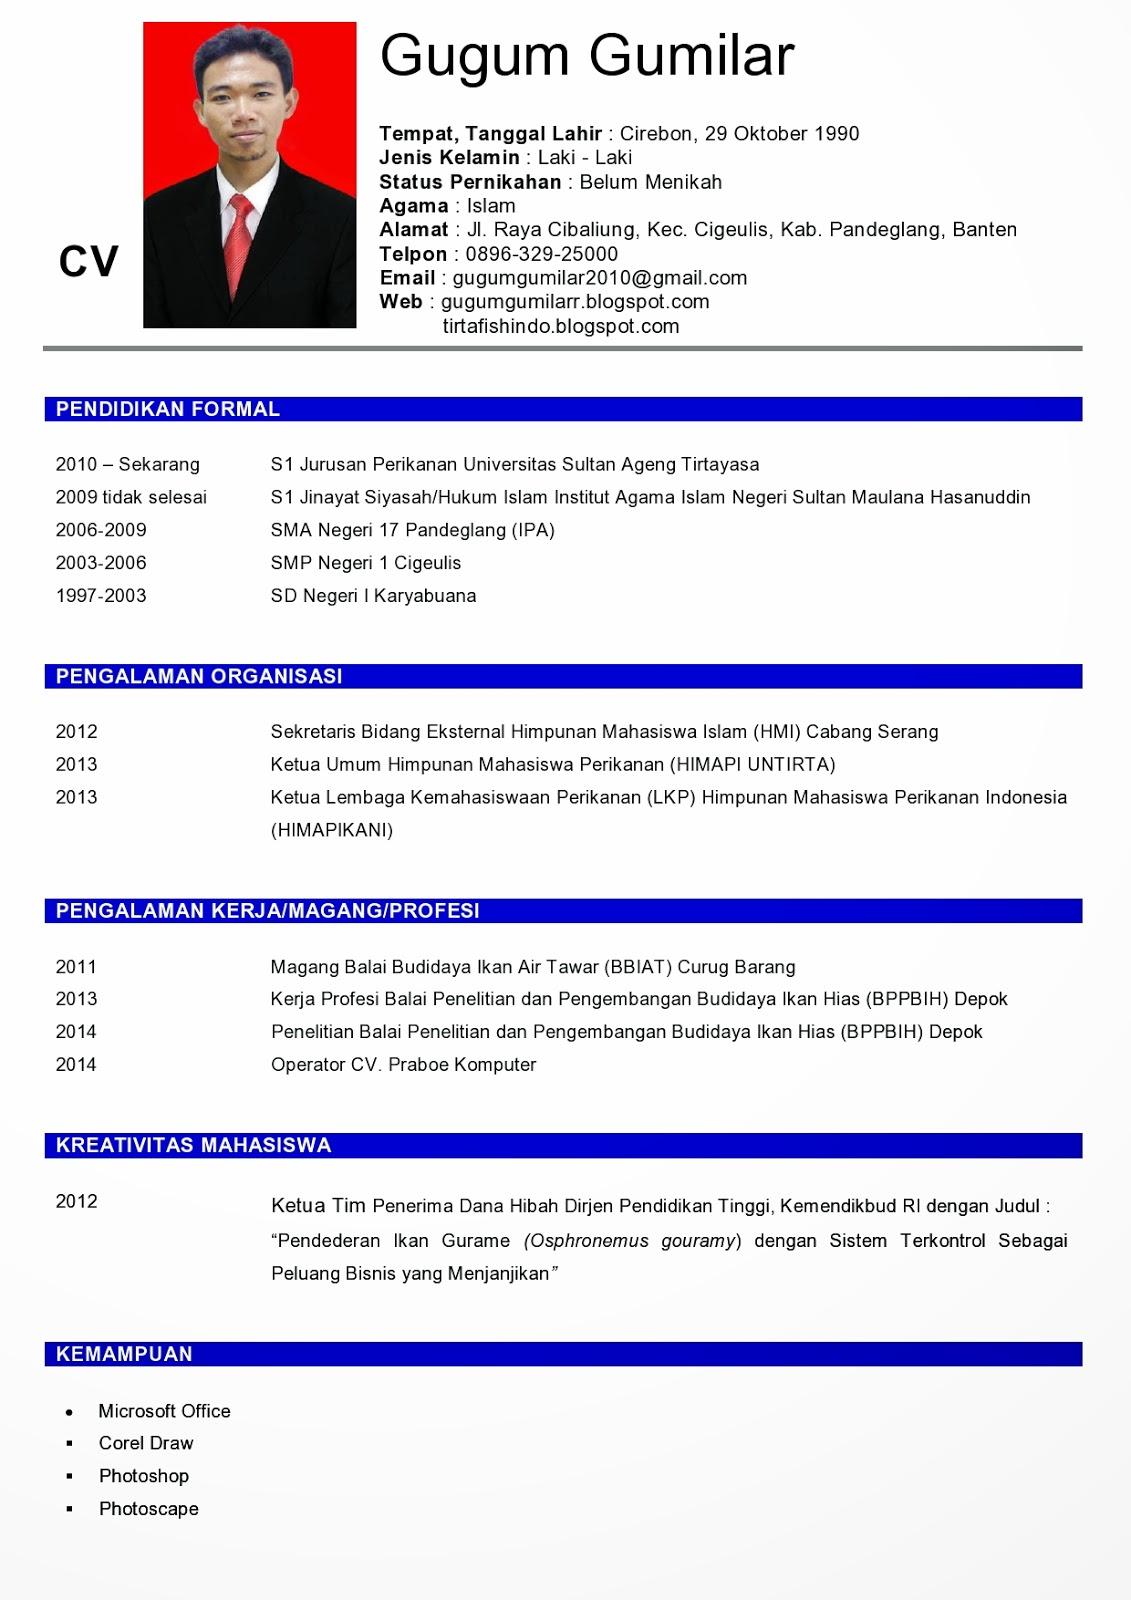 resume cv yang baik - 28 images - contoh cv curriculum vitae ...